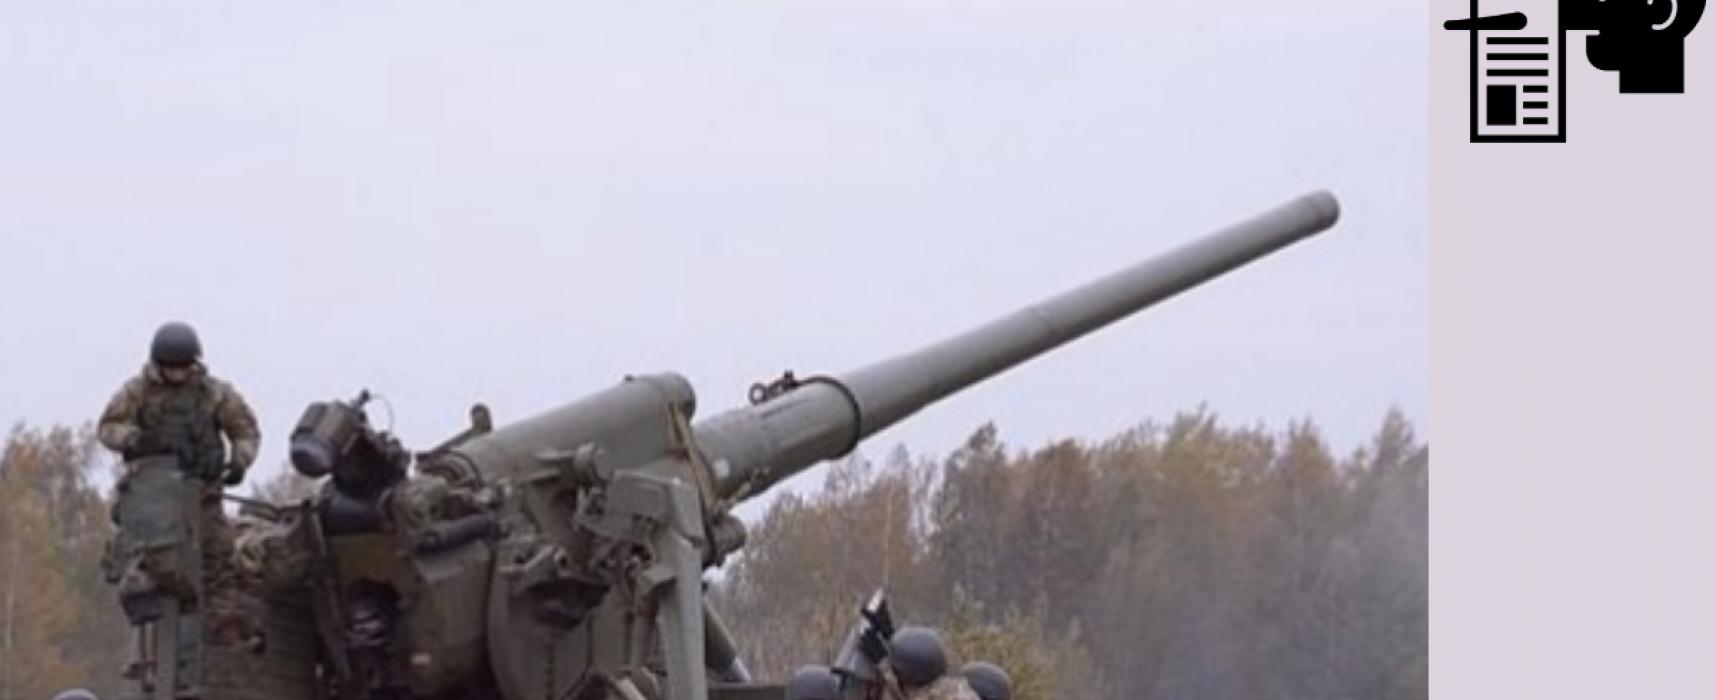 Fake: Plus de 33 000 militaires ont déserté l'armée ukrainienne depuis 2014